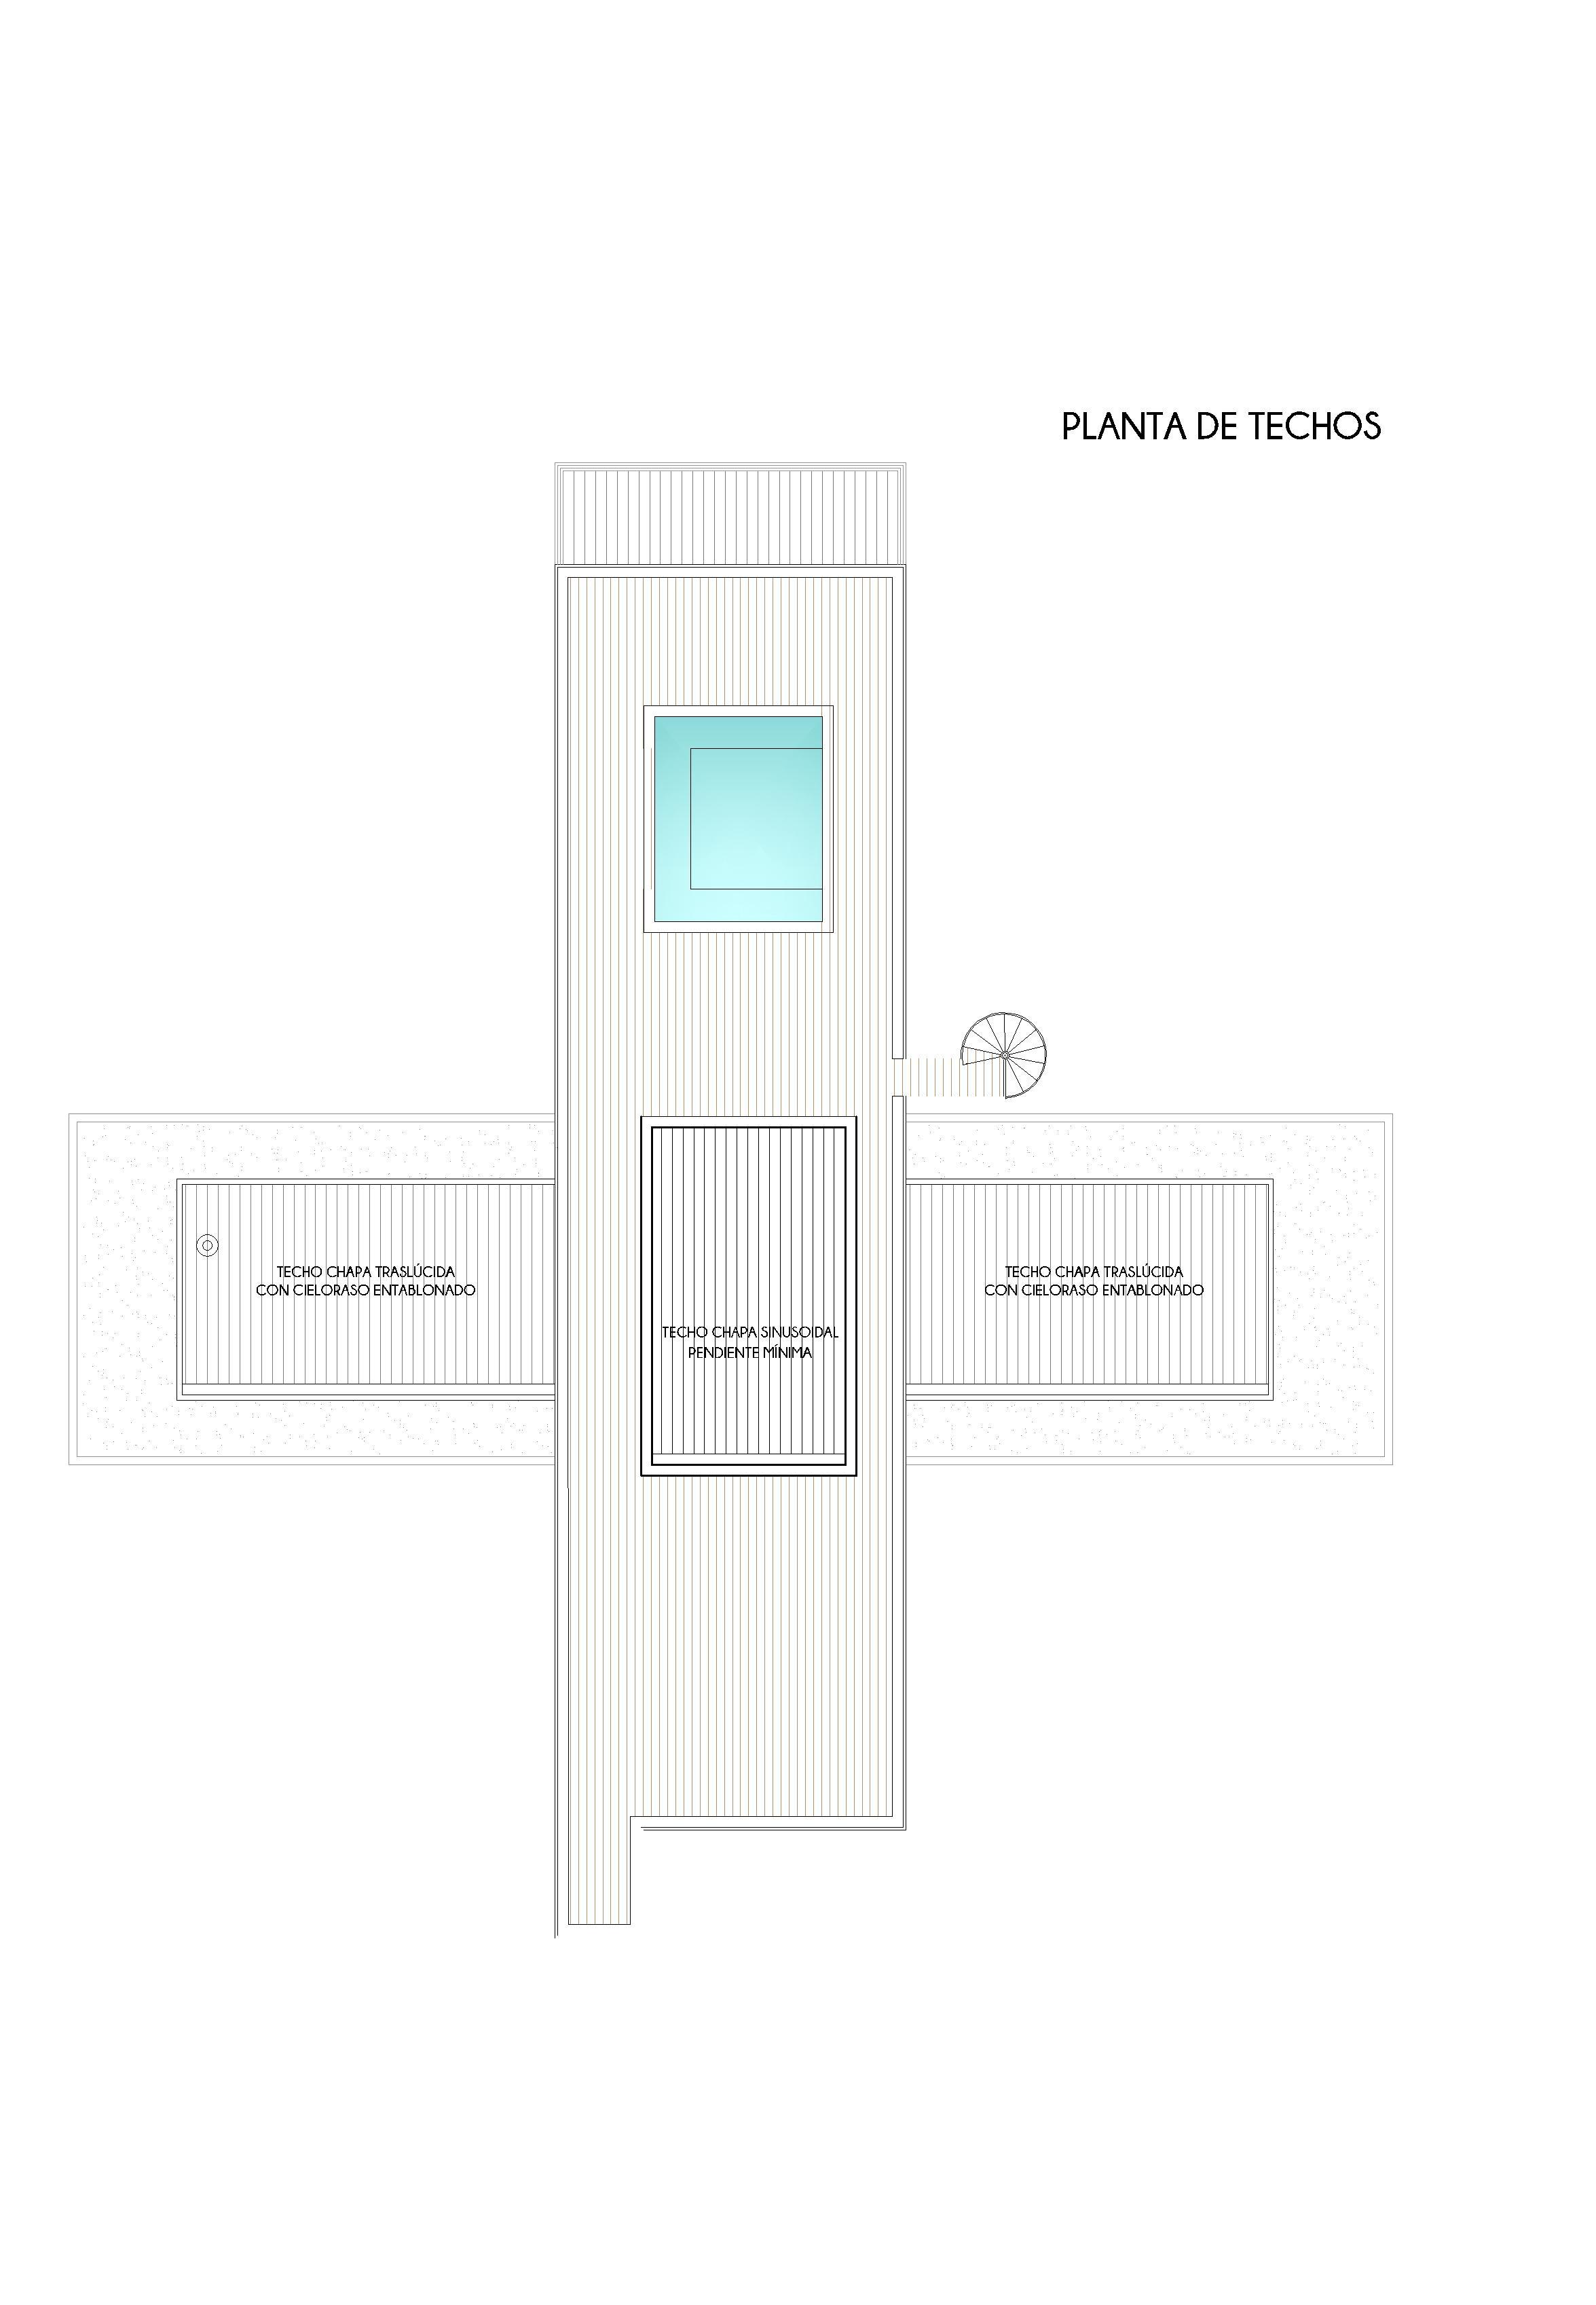 PLANTA DE TECHOS